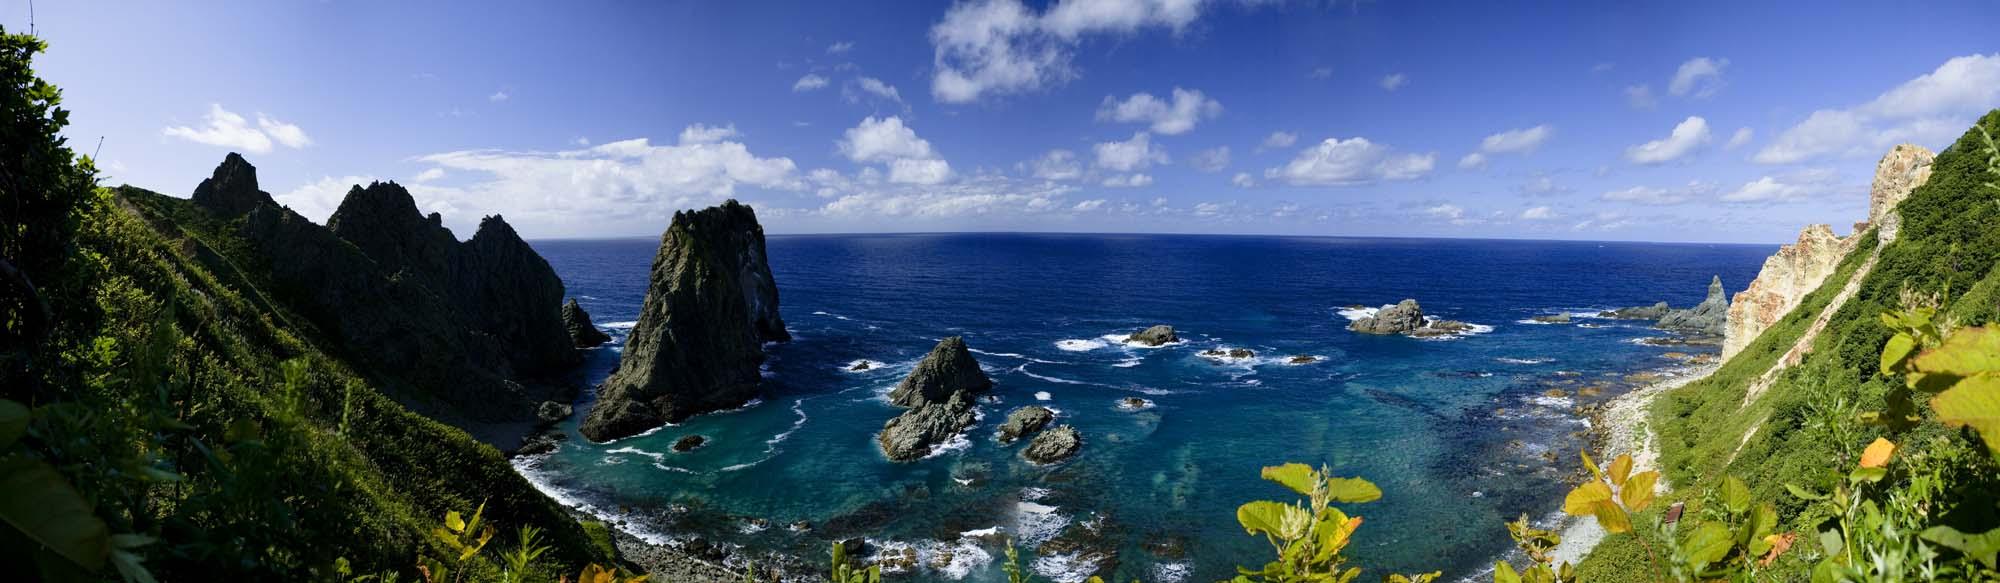 写真,素材,無料,フリー,フォト,クリエイティブ・コモンズ,風景,壁紙,島武意海岸全景, 岩山, なぎさ, 水平線, 青空